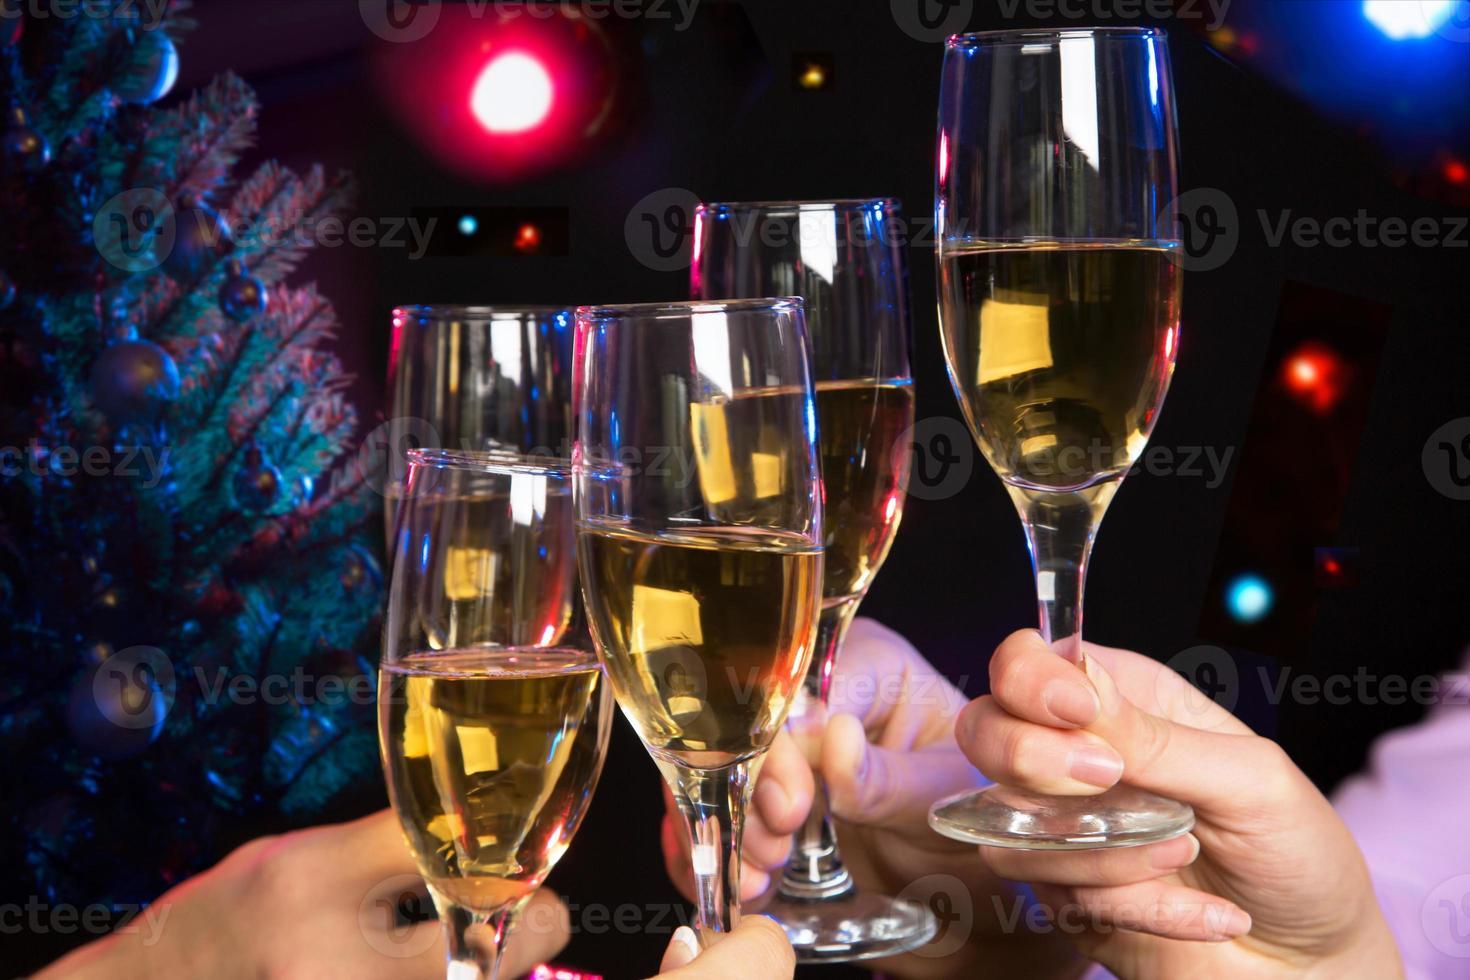 Menschen Hände mit Kristallgläsern voller Champagner foto